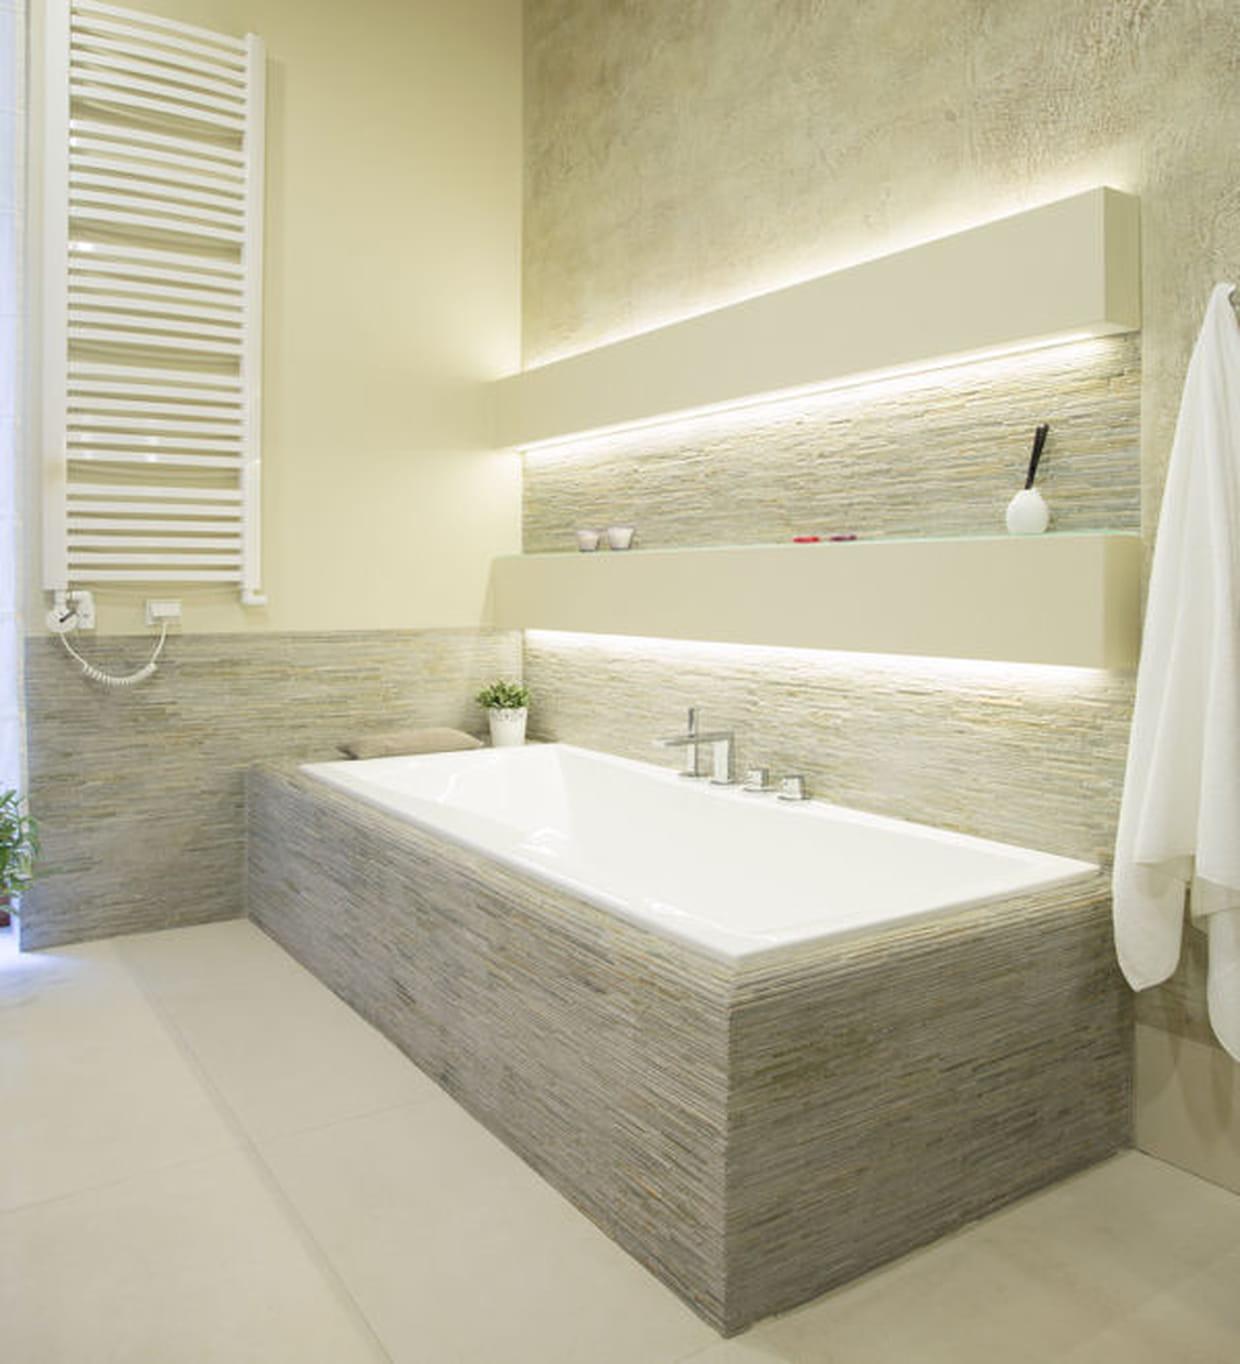 Decoration Tablier De Baignoire refaites le tablier de la baignoire